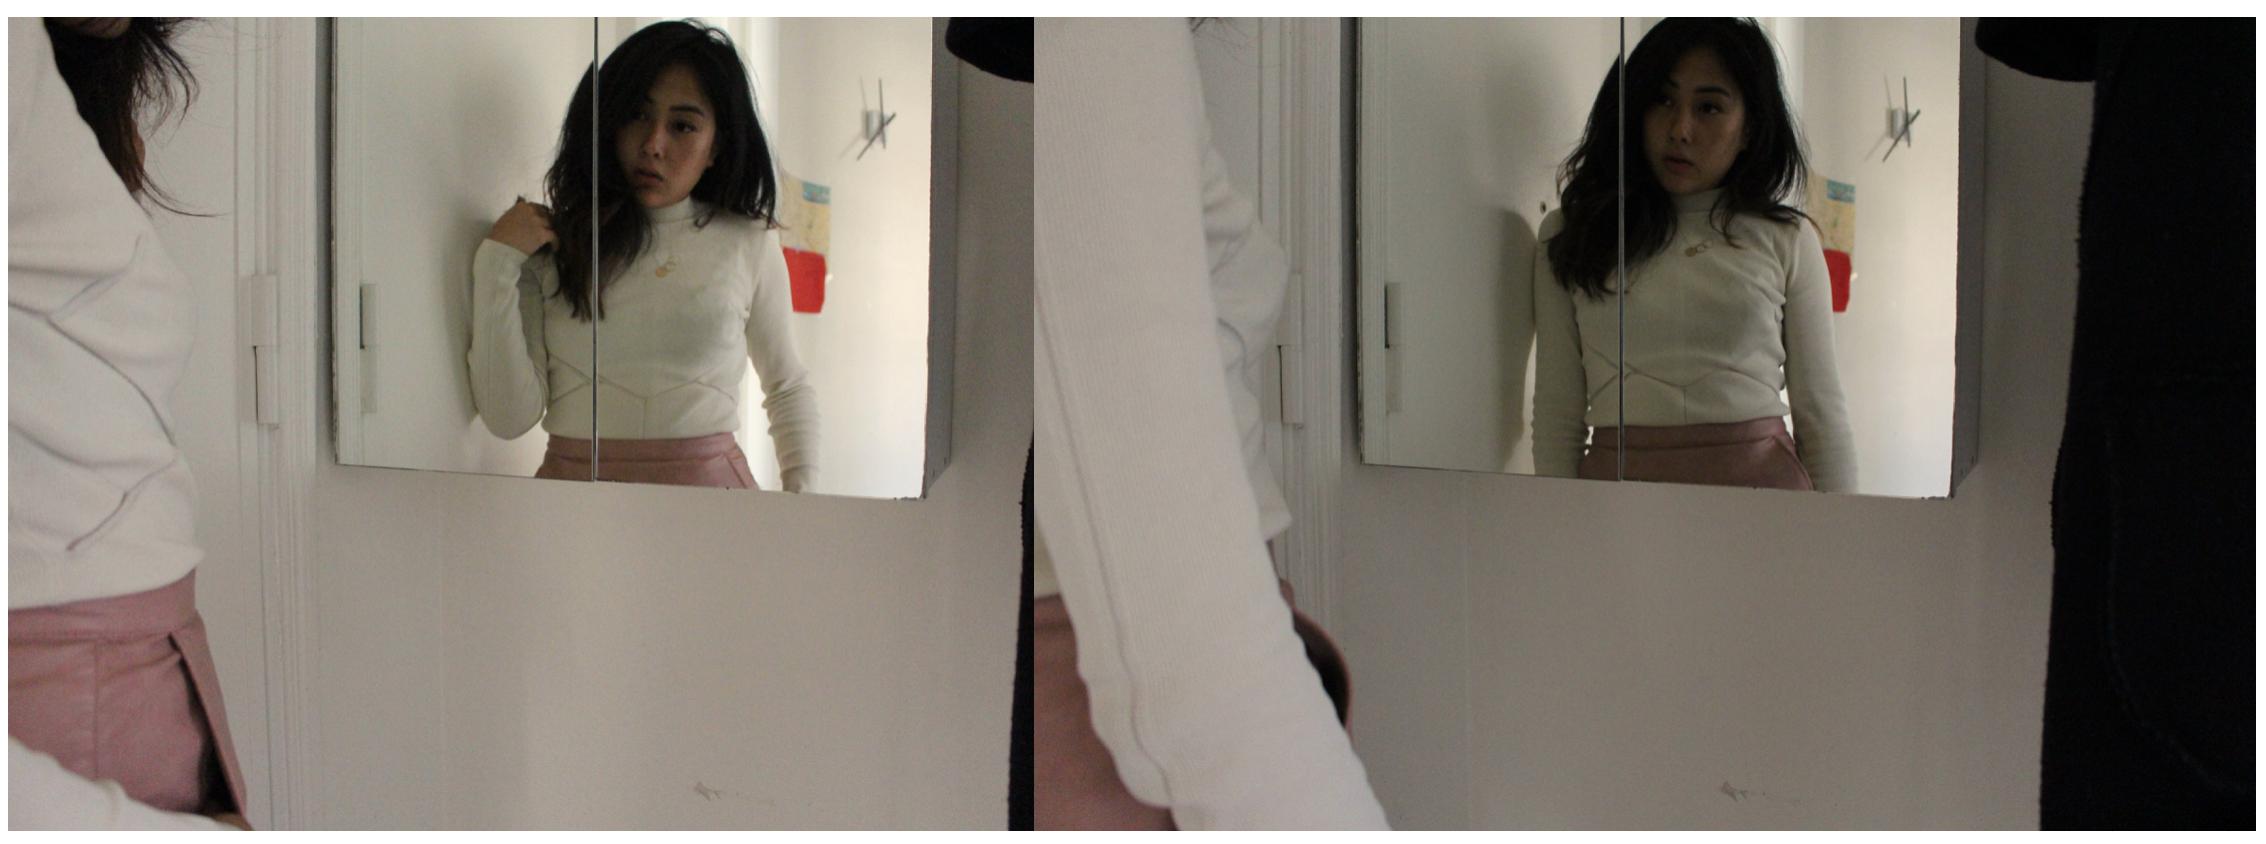 mirrorpotrait.png